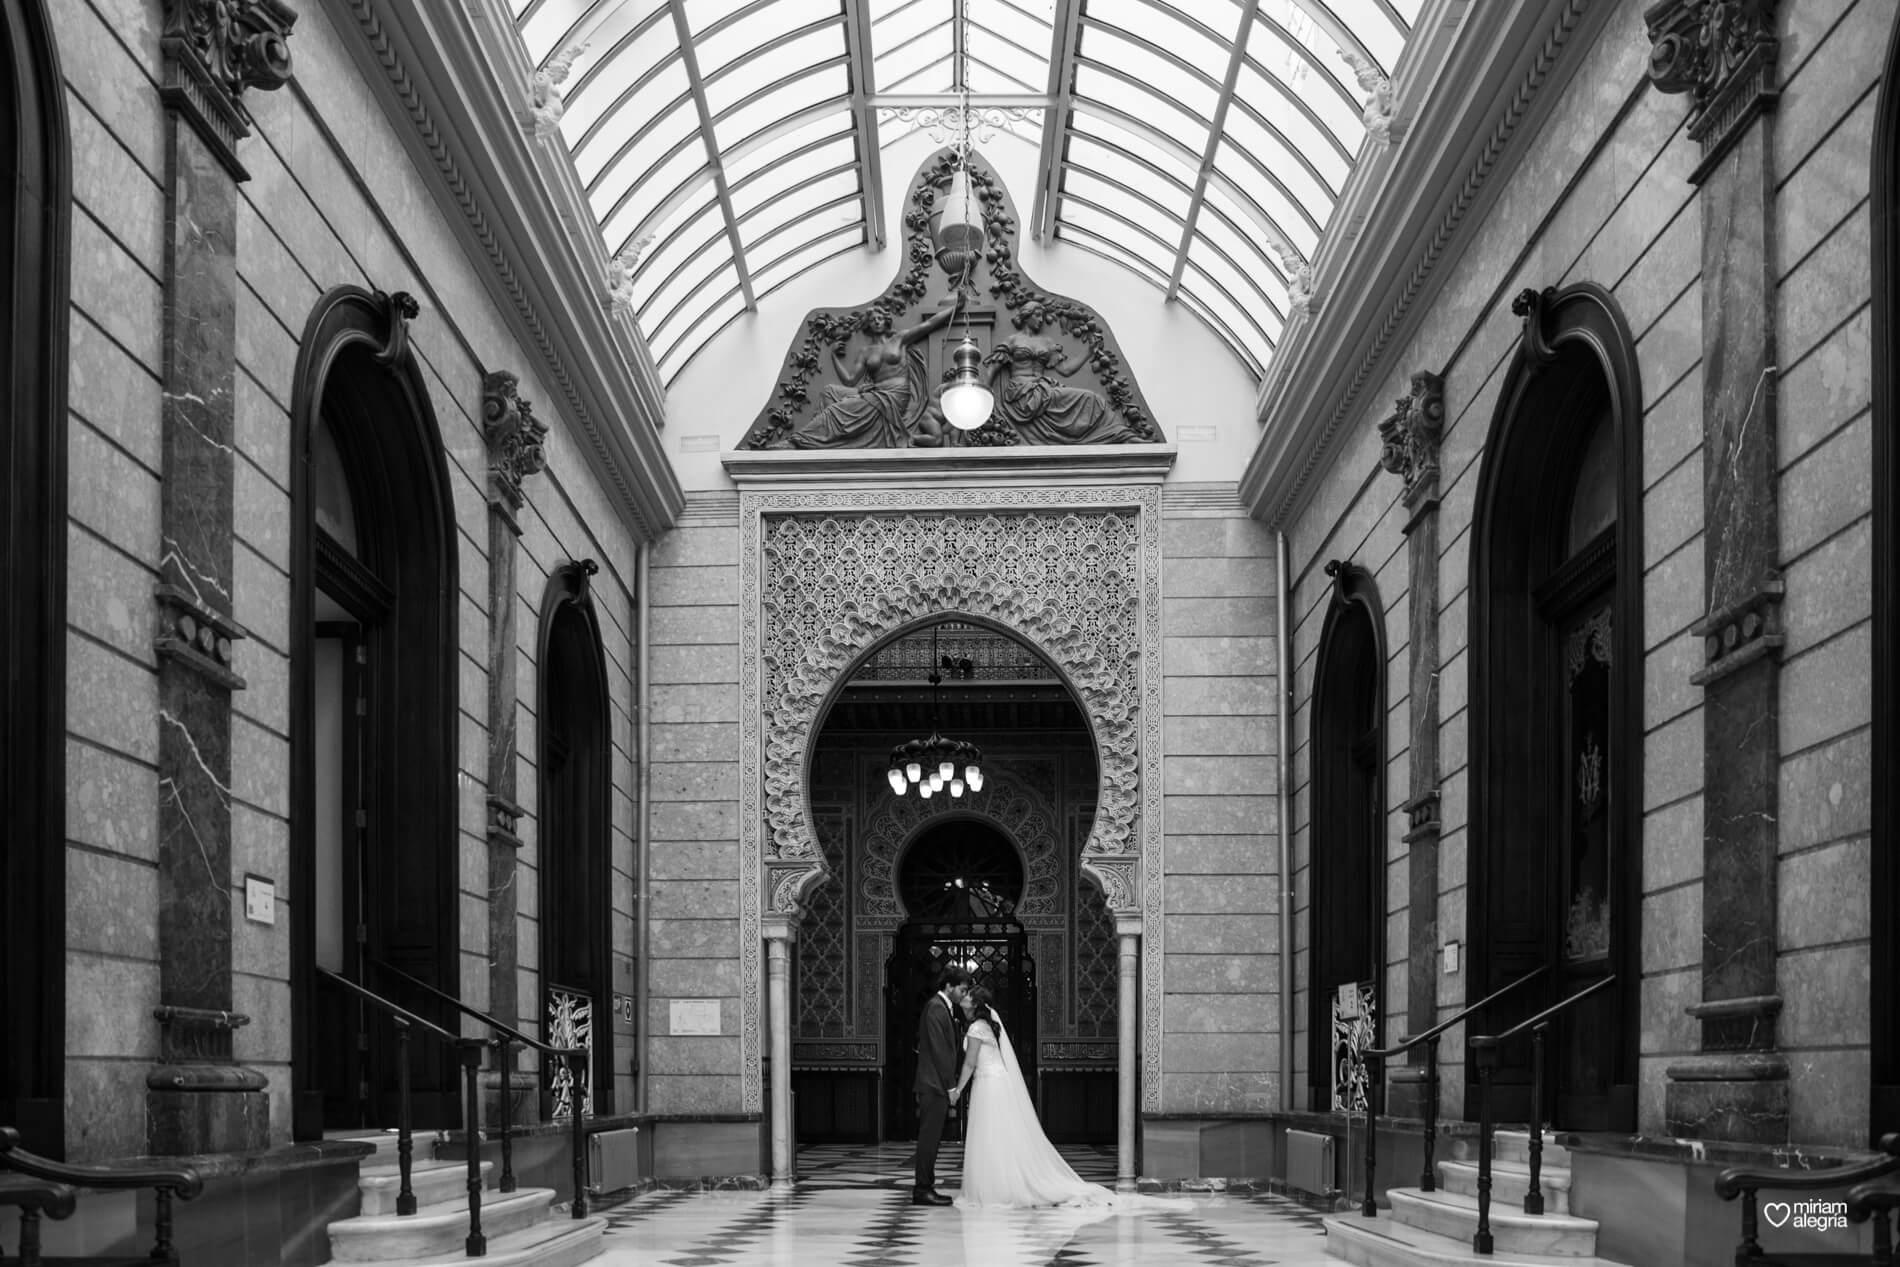 boda-civil-en-el-casino-de-murcia-miriam-alegria-fotografos-de-boda-36